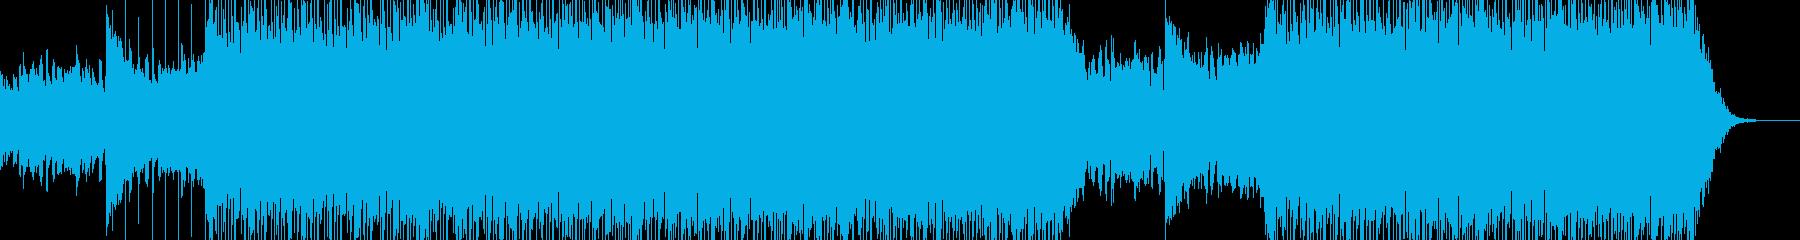 ポップ テクノ ロック 代替案 ラ...の再生済みの波形